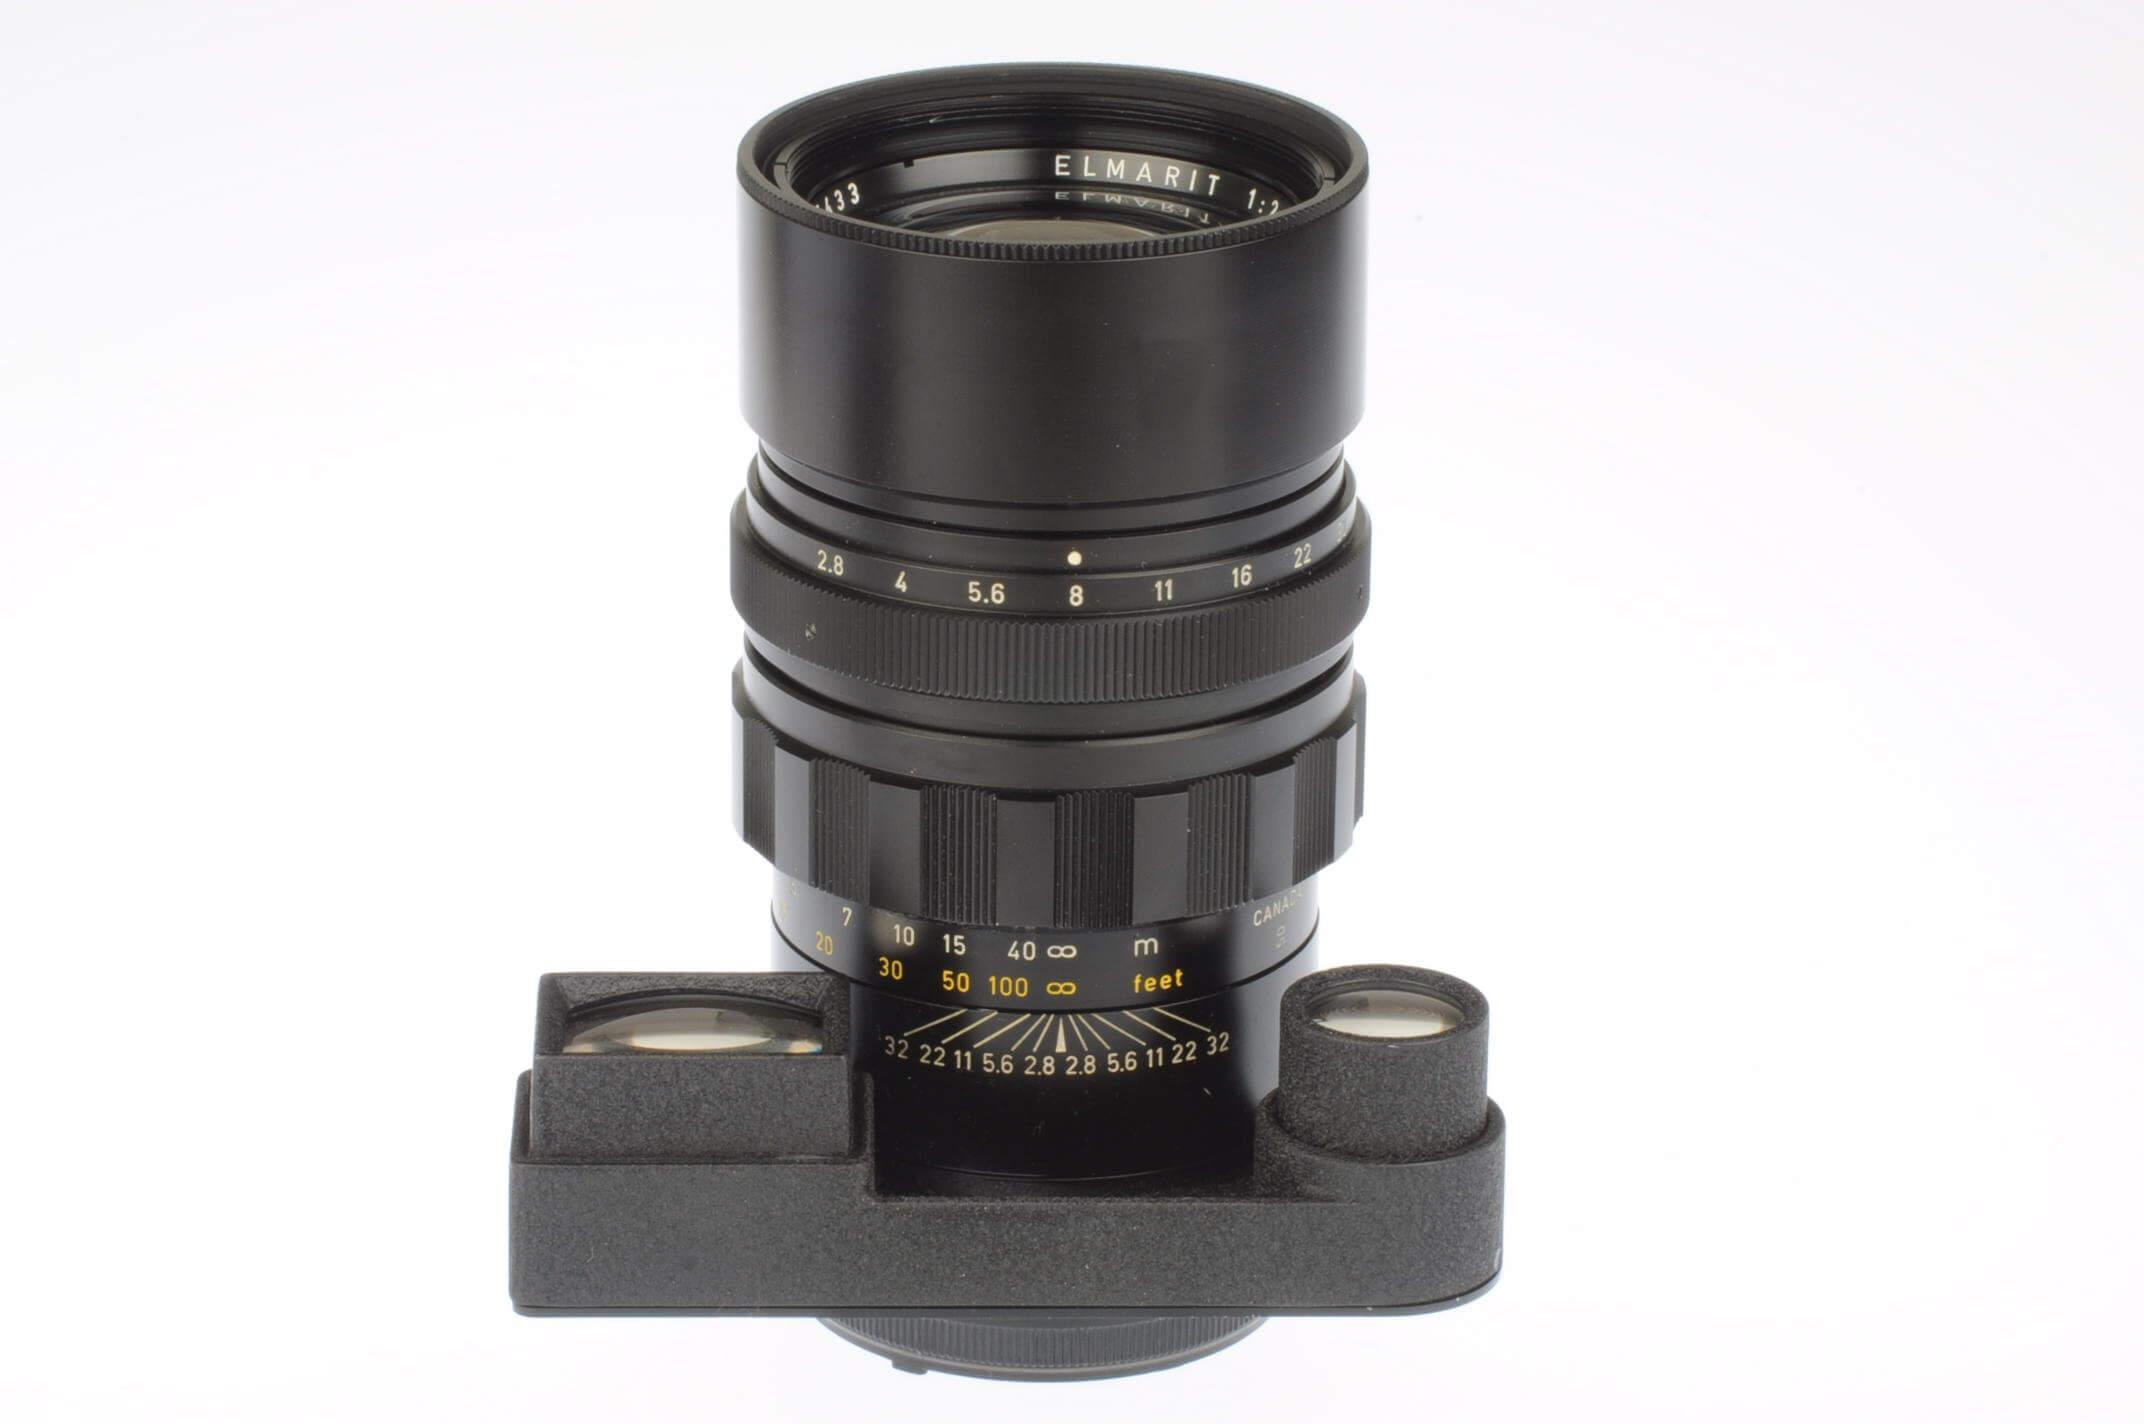 Leica 135mm f2.8 Elmarit M, 6-bit coded, almost mint